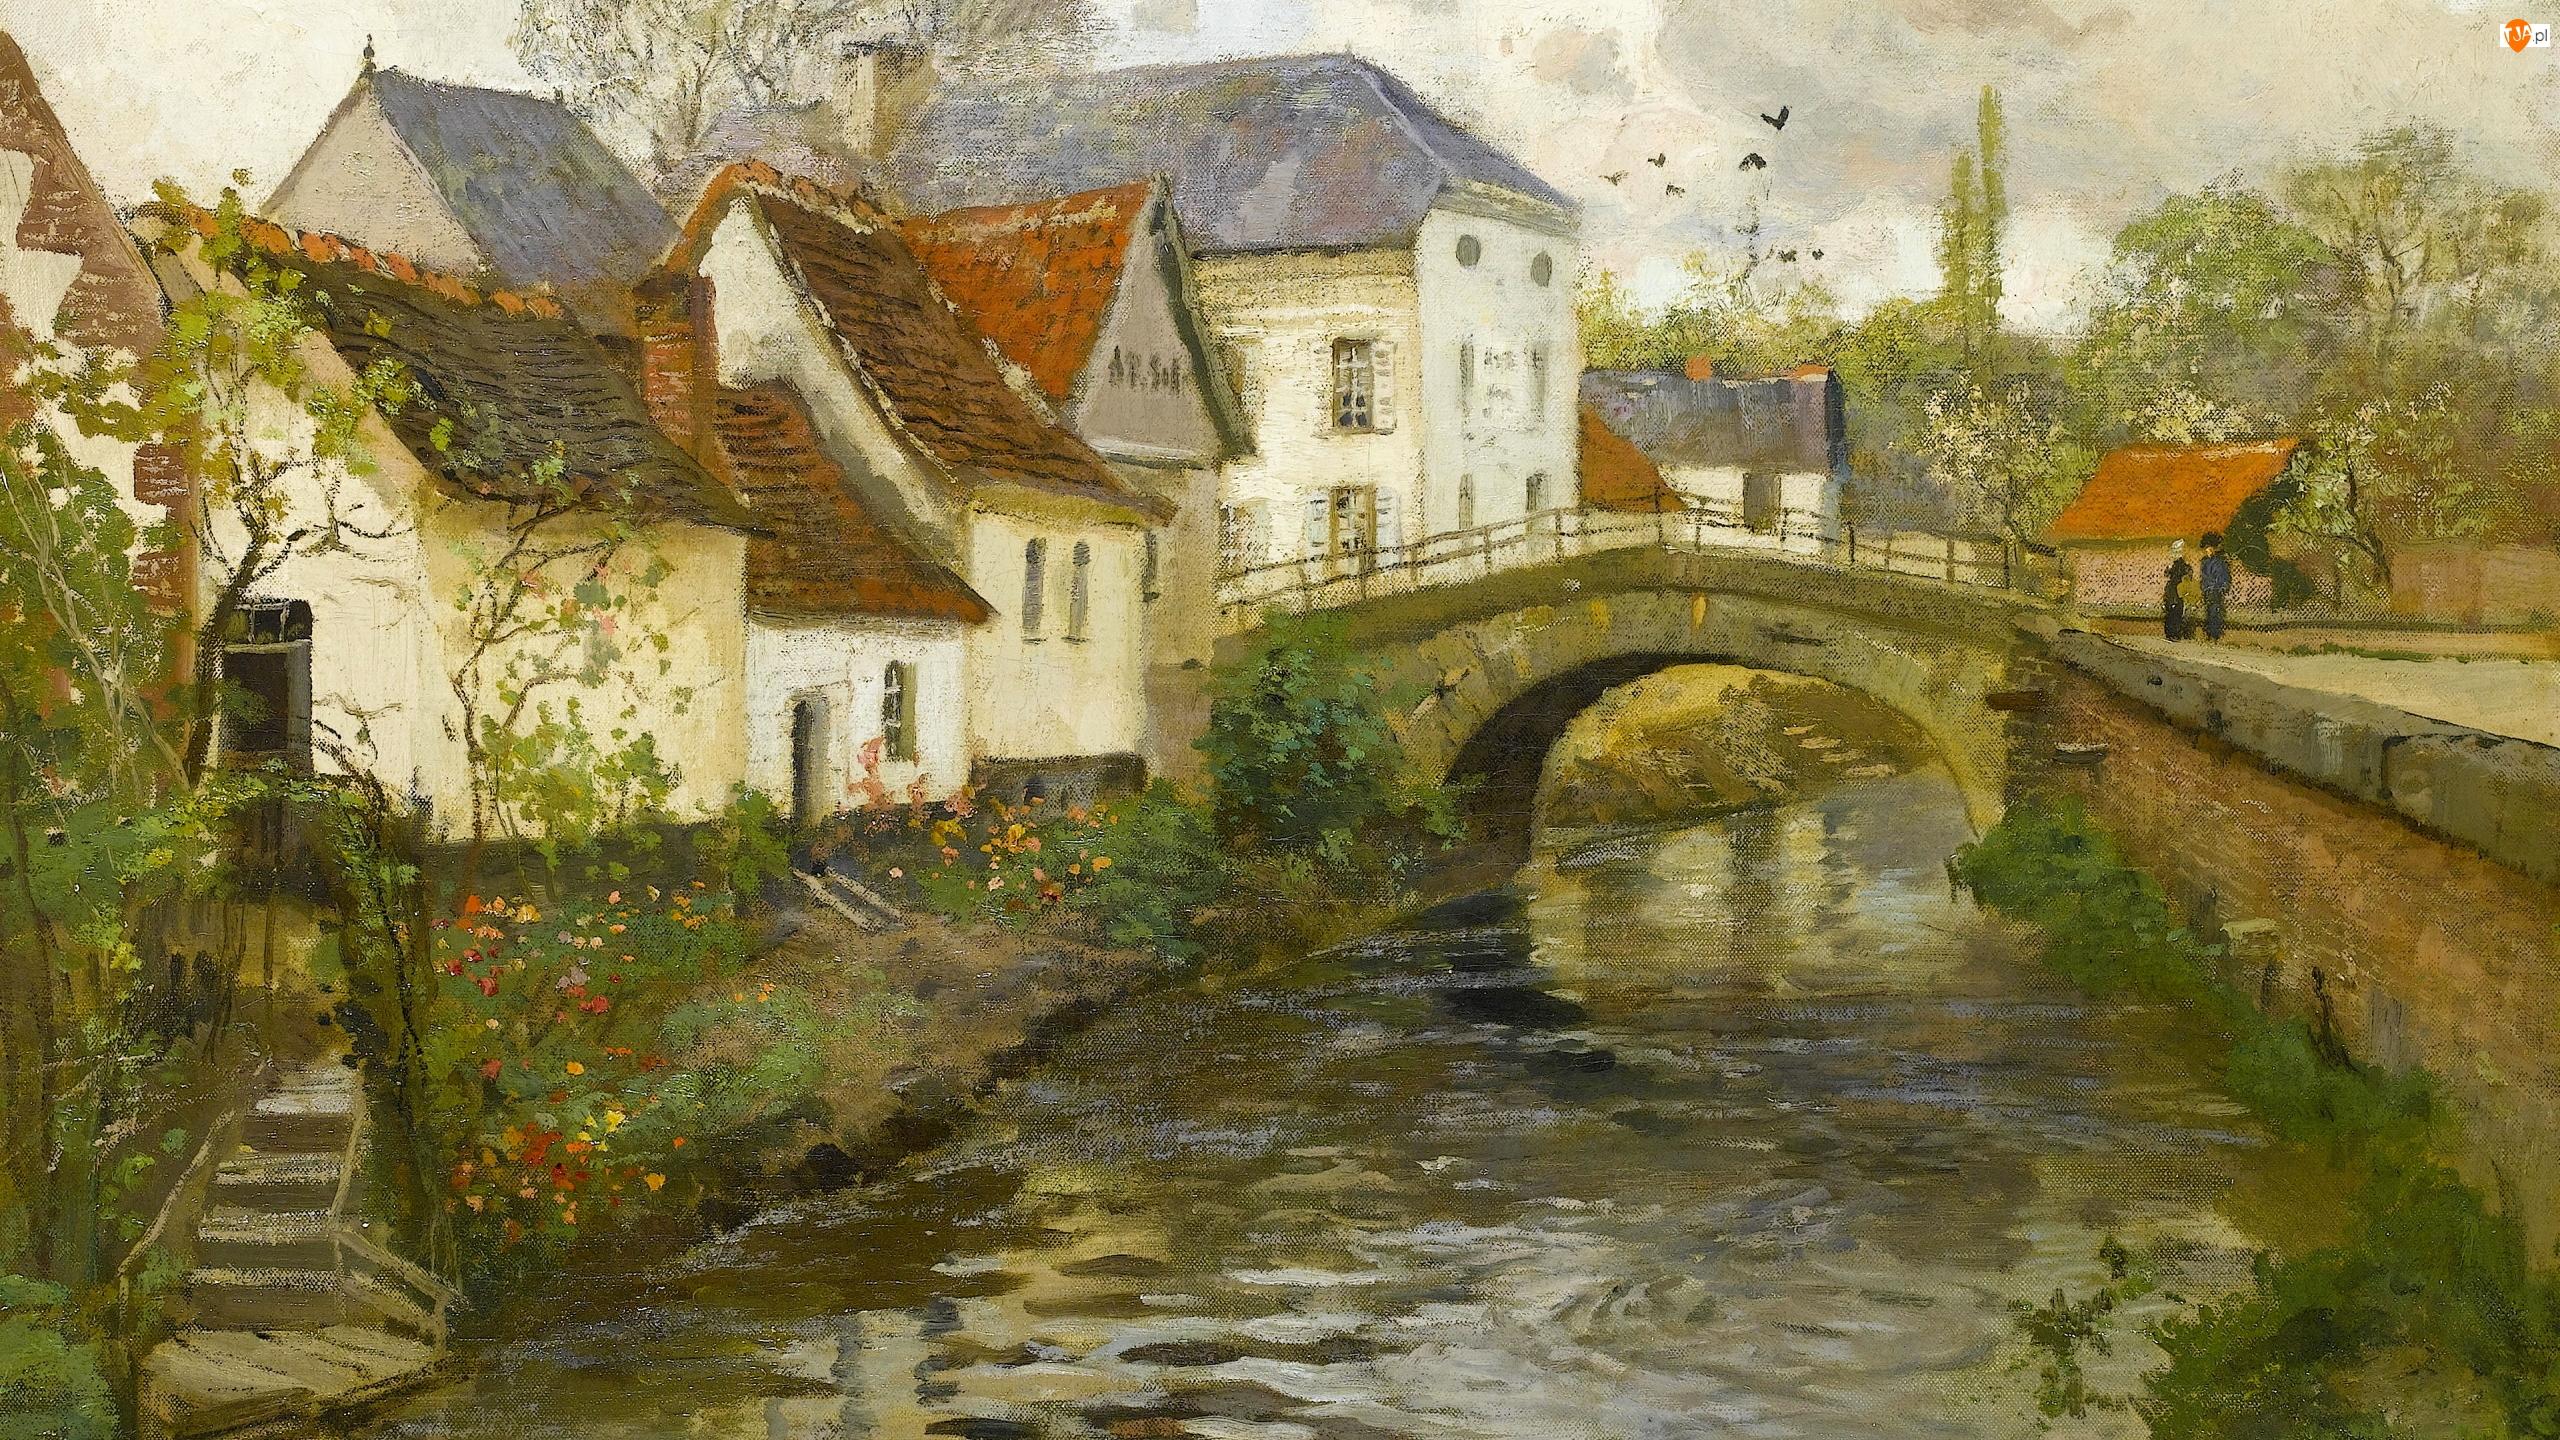 Most, Obraz, Rzeka, Belgia, Domy, Fritz Thaulow, Miasteczko, Malarstwo, La Panne